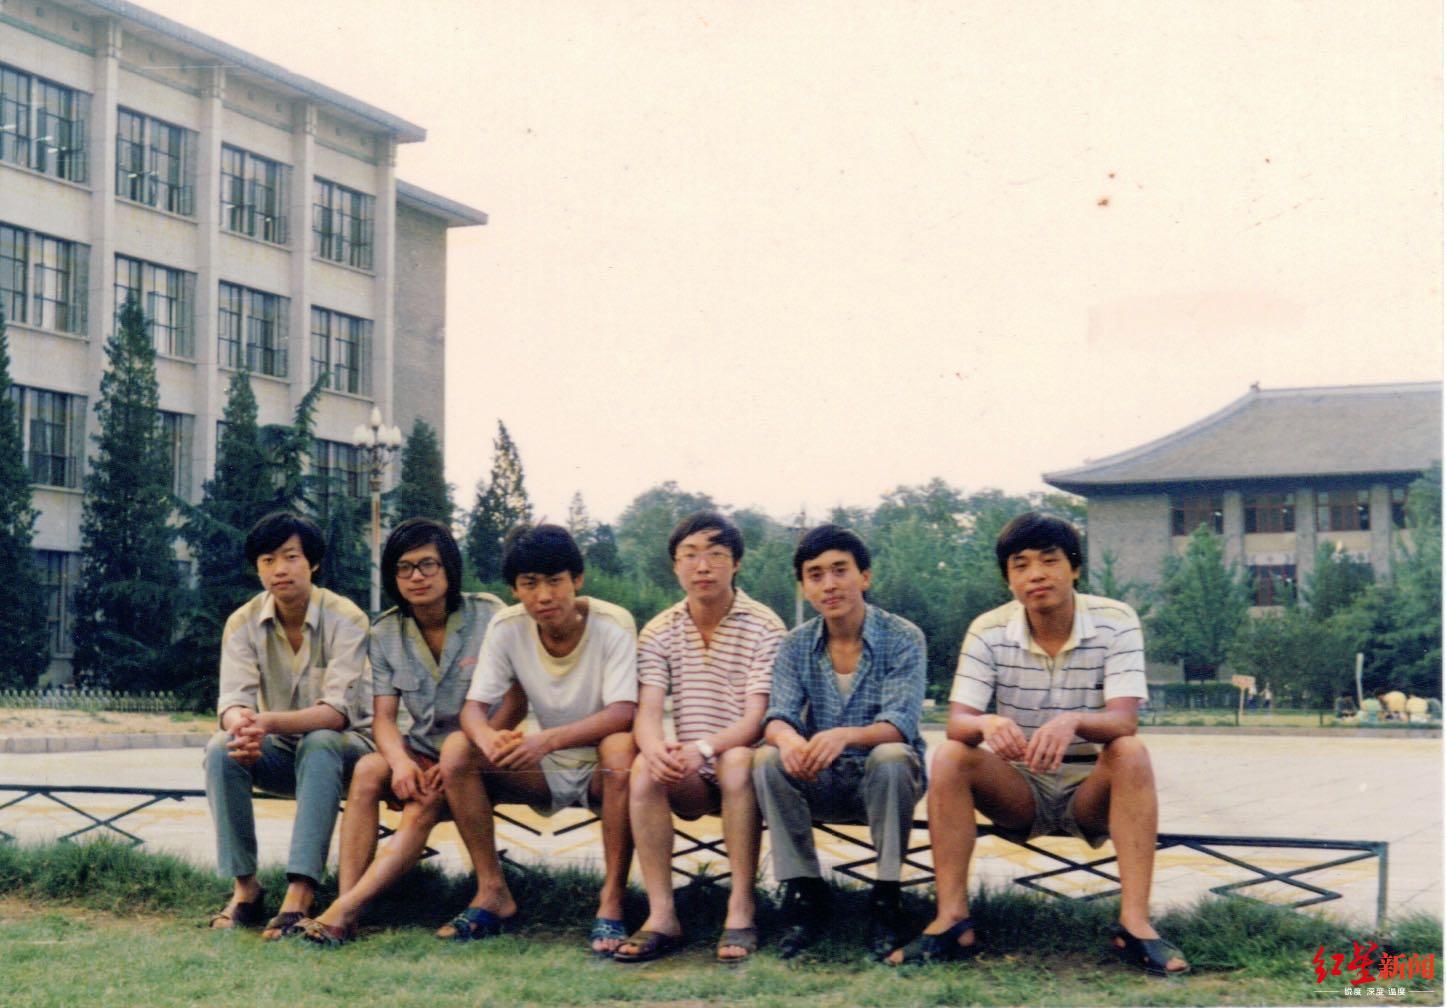 黄立新(左一)和同学在北大图书馆前相符影